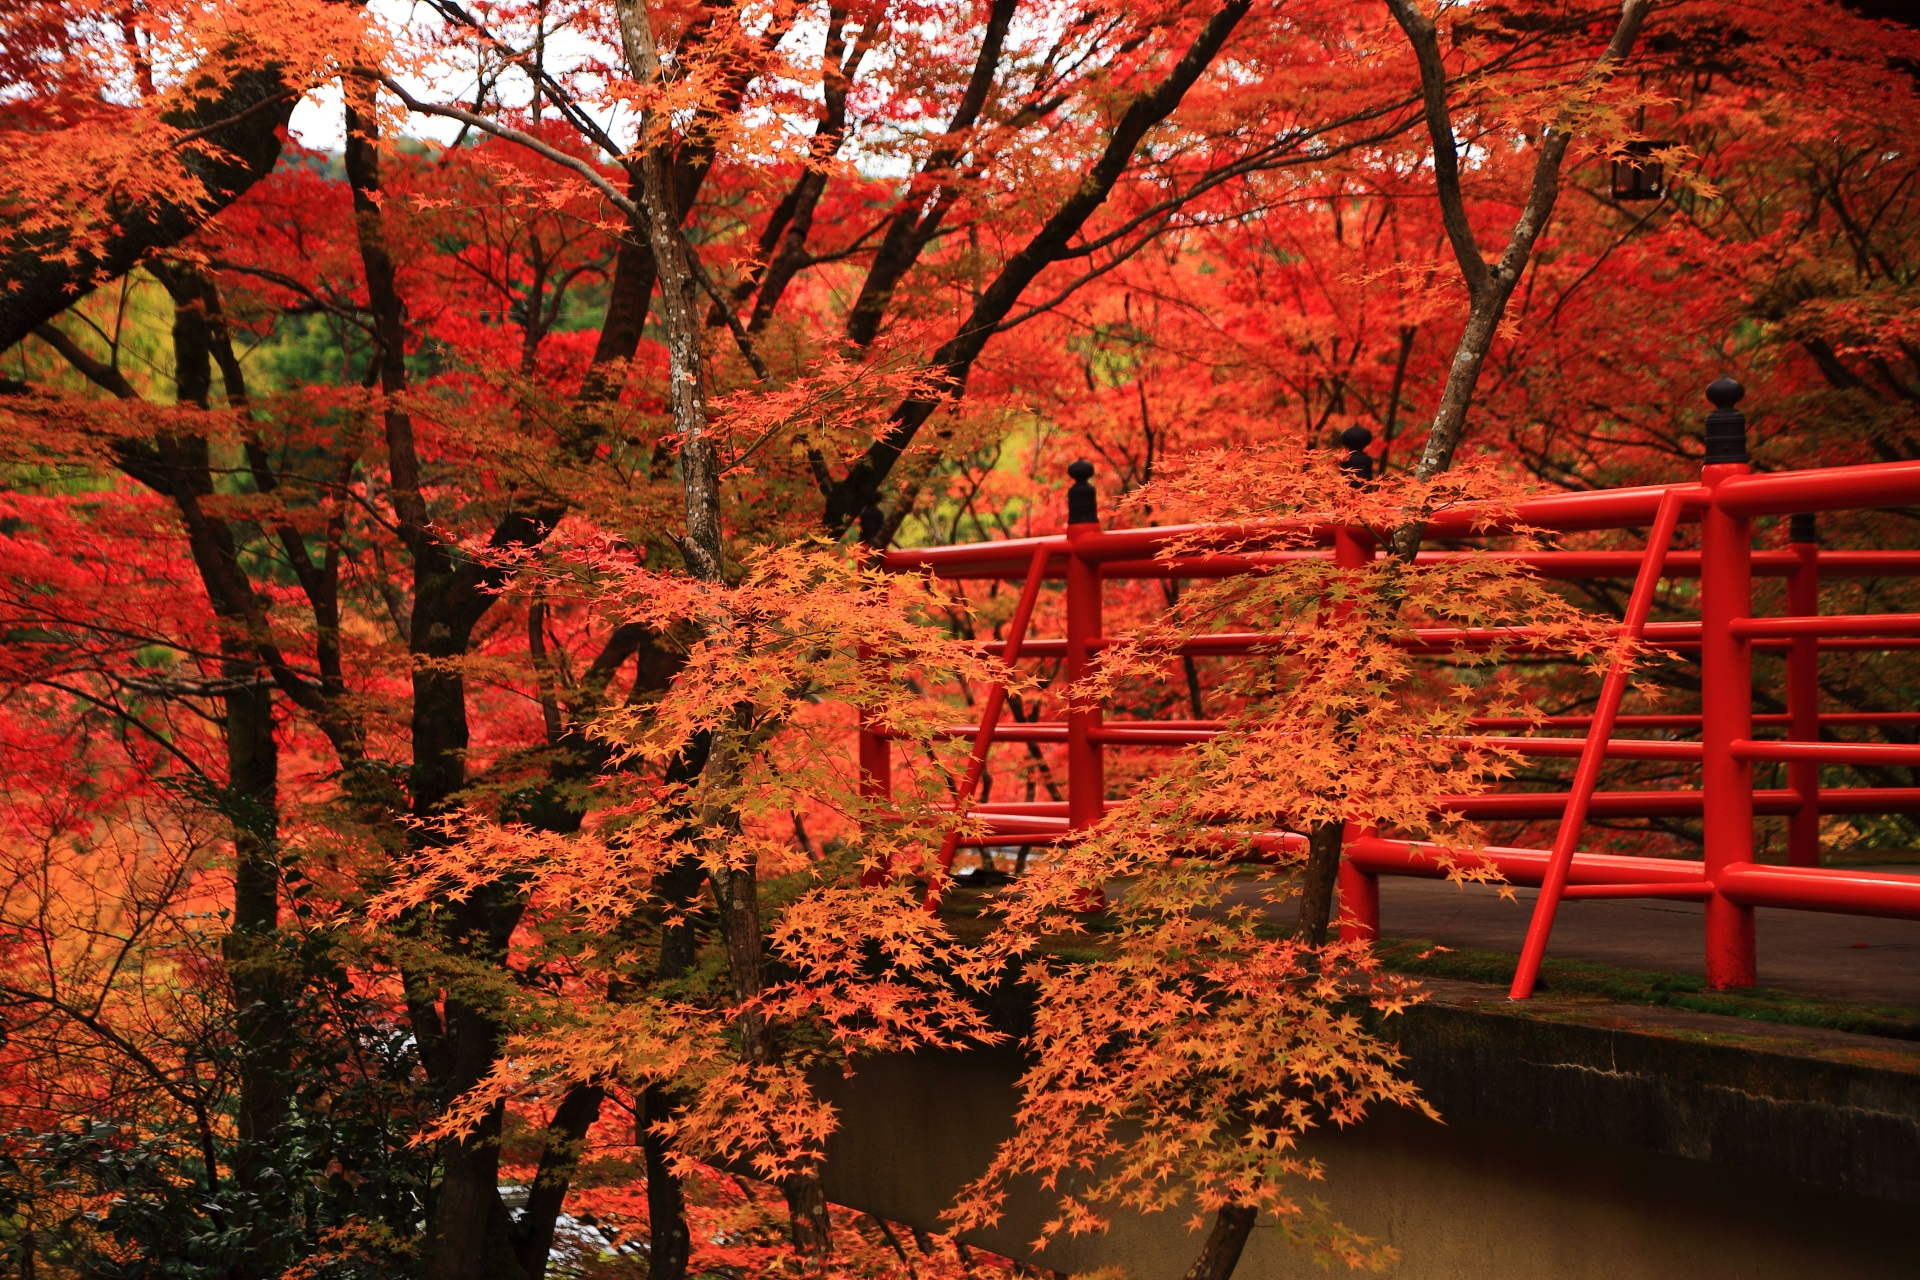 最高の見ごろをむかえた今熊野観音寺の茶所の紅葉